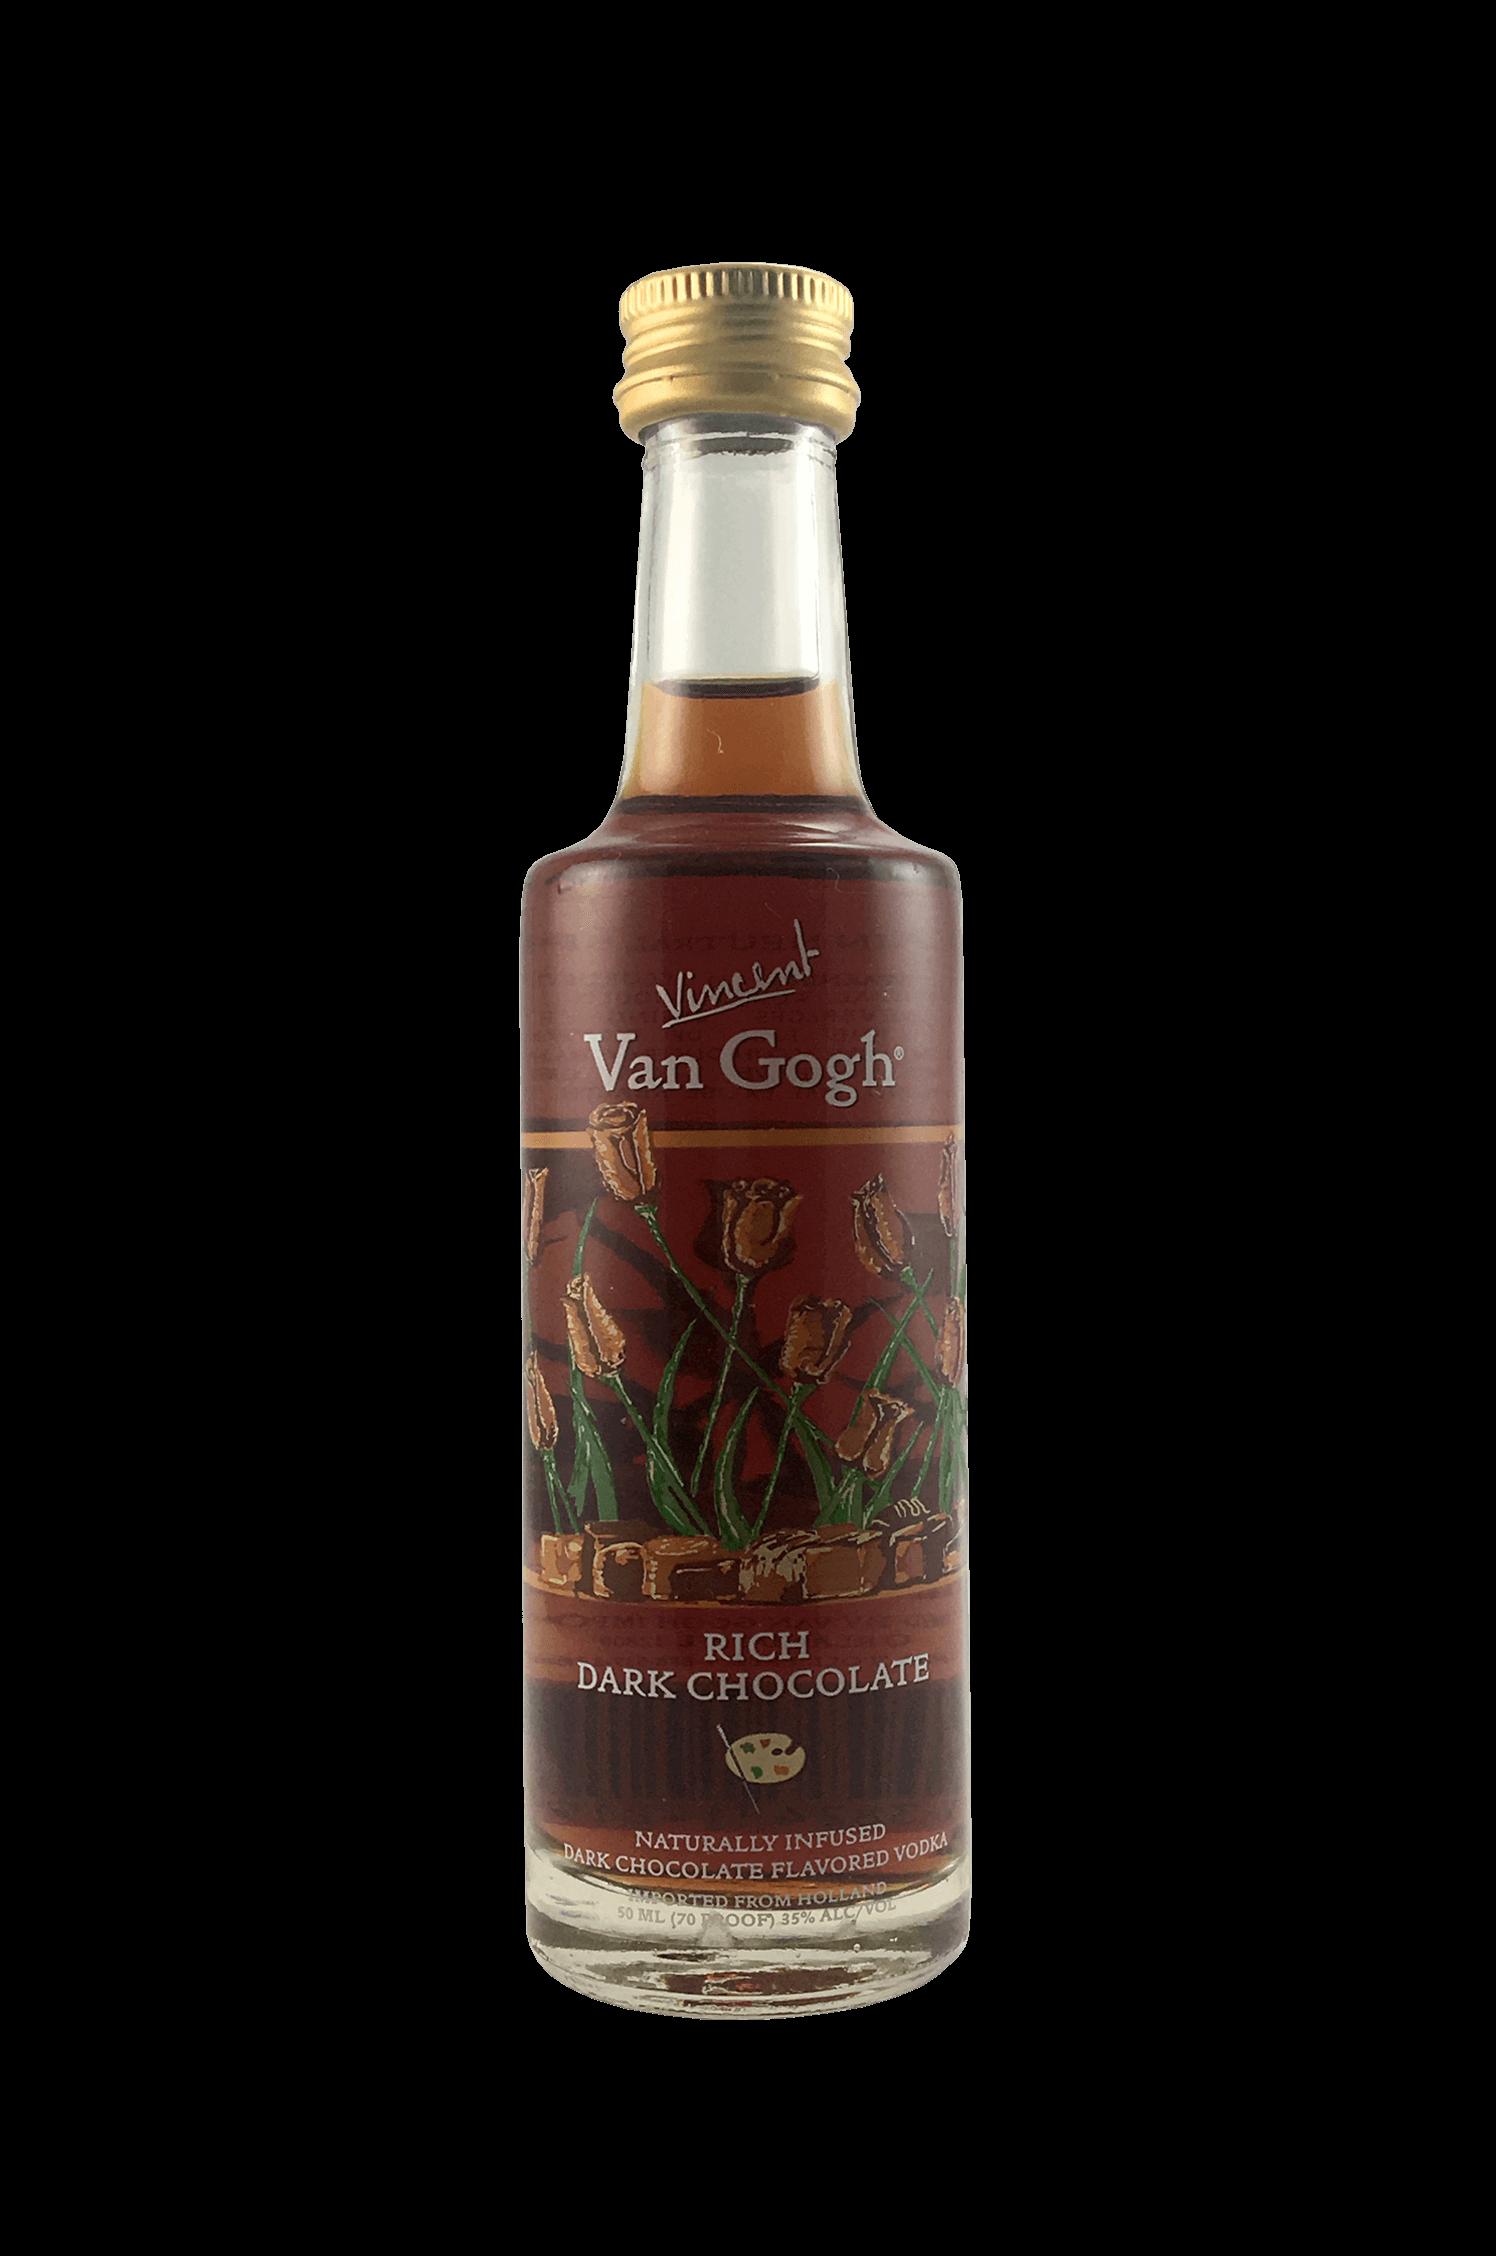 Van Gogh – Rich Dark Chocolate